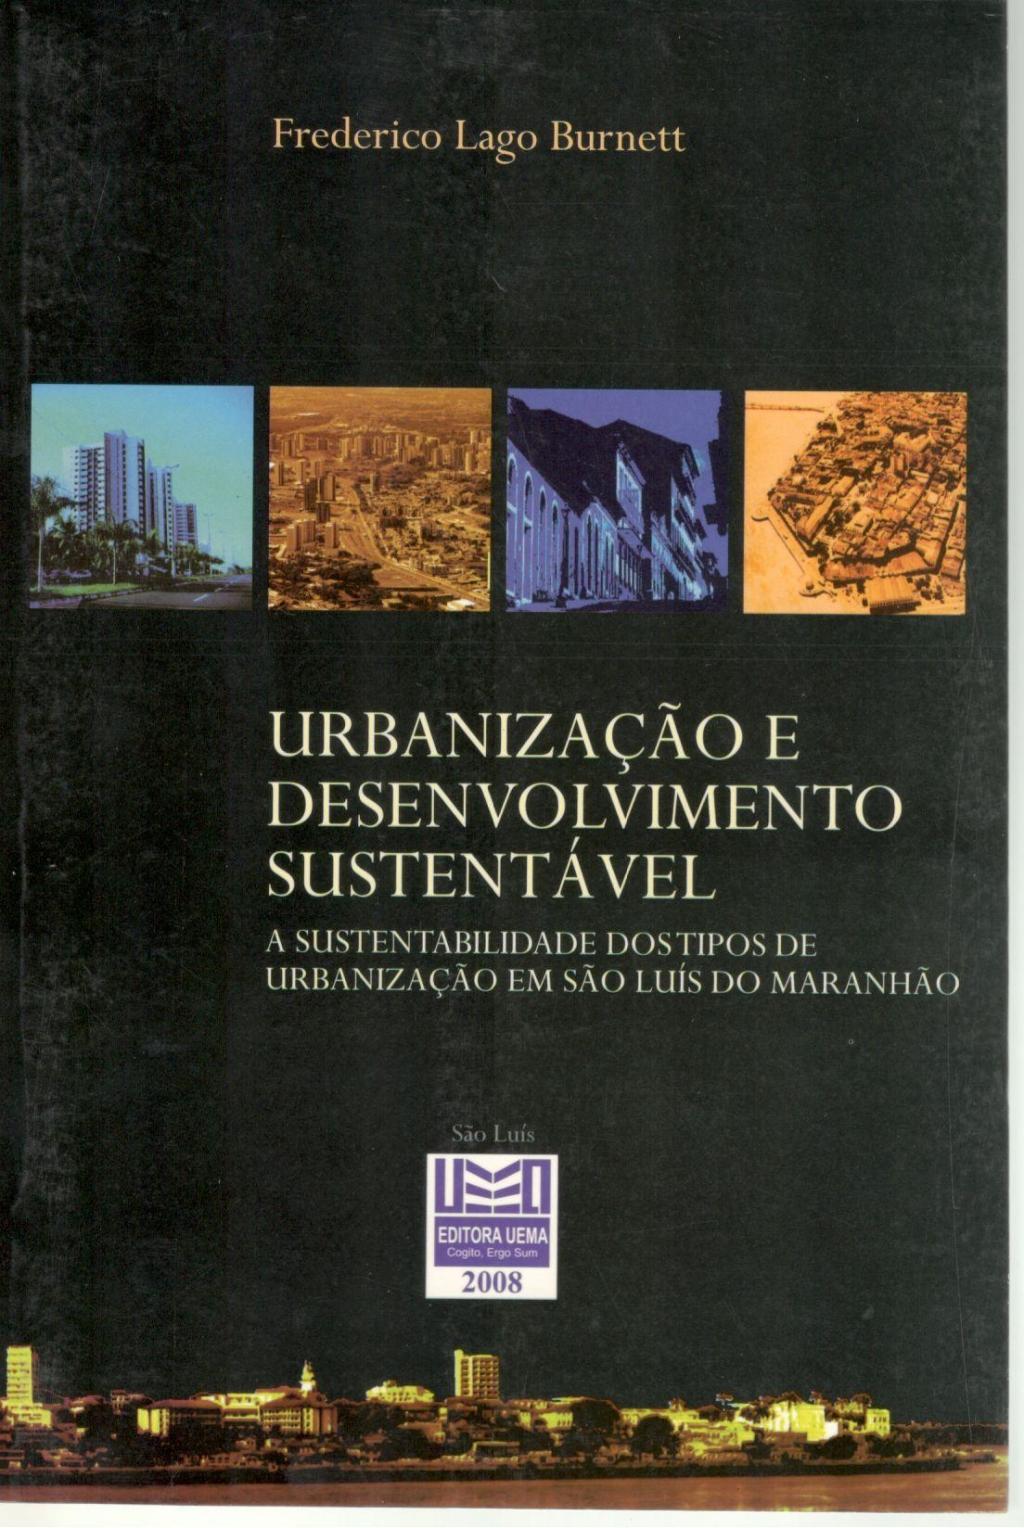 Urbanização e desenvolvimento sustentável (Esgotado)